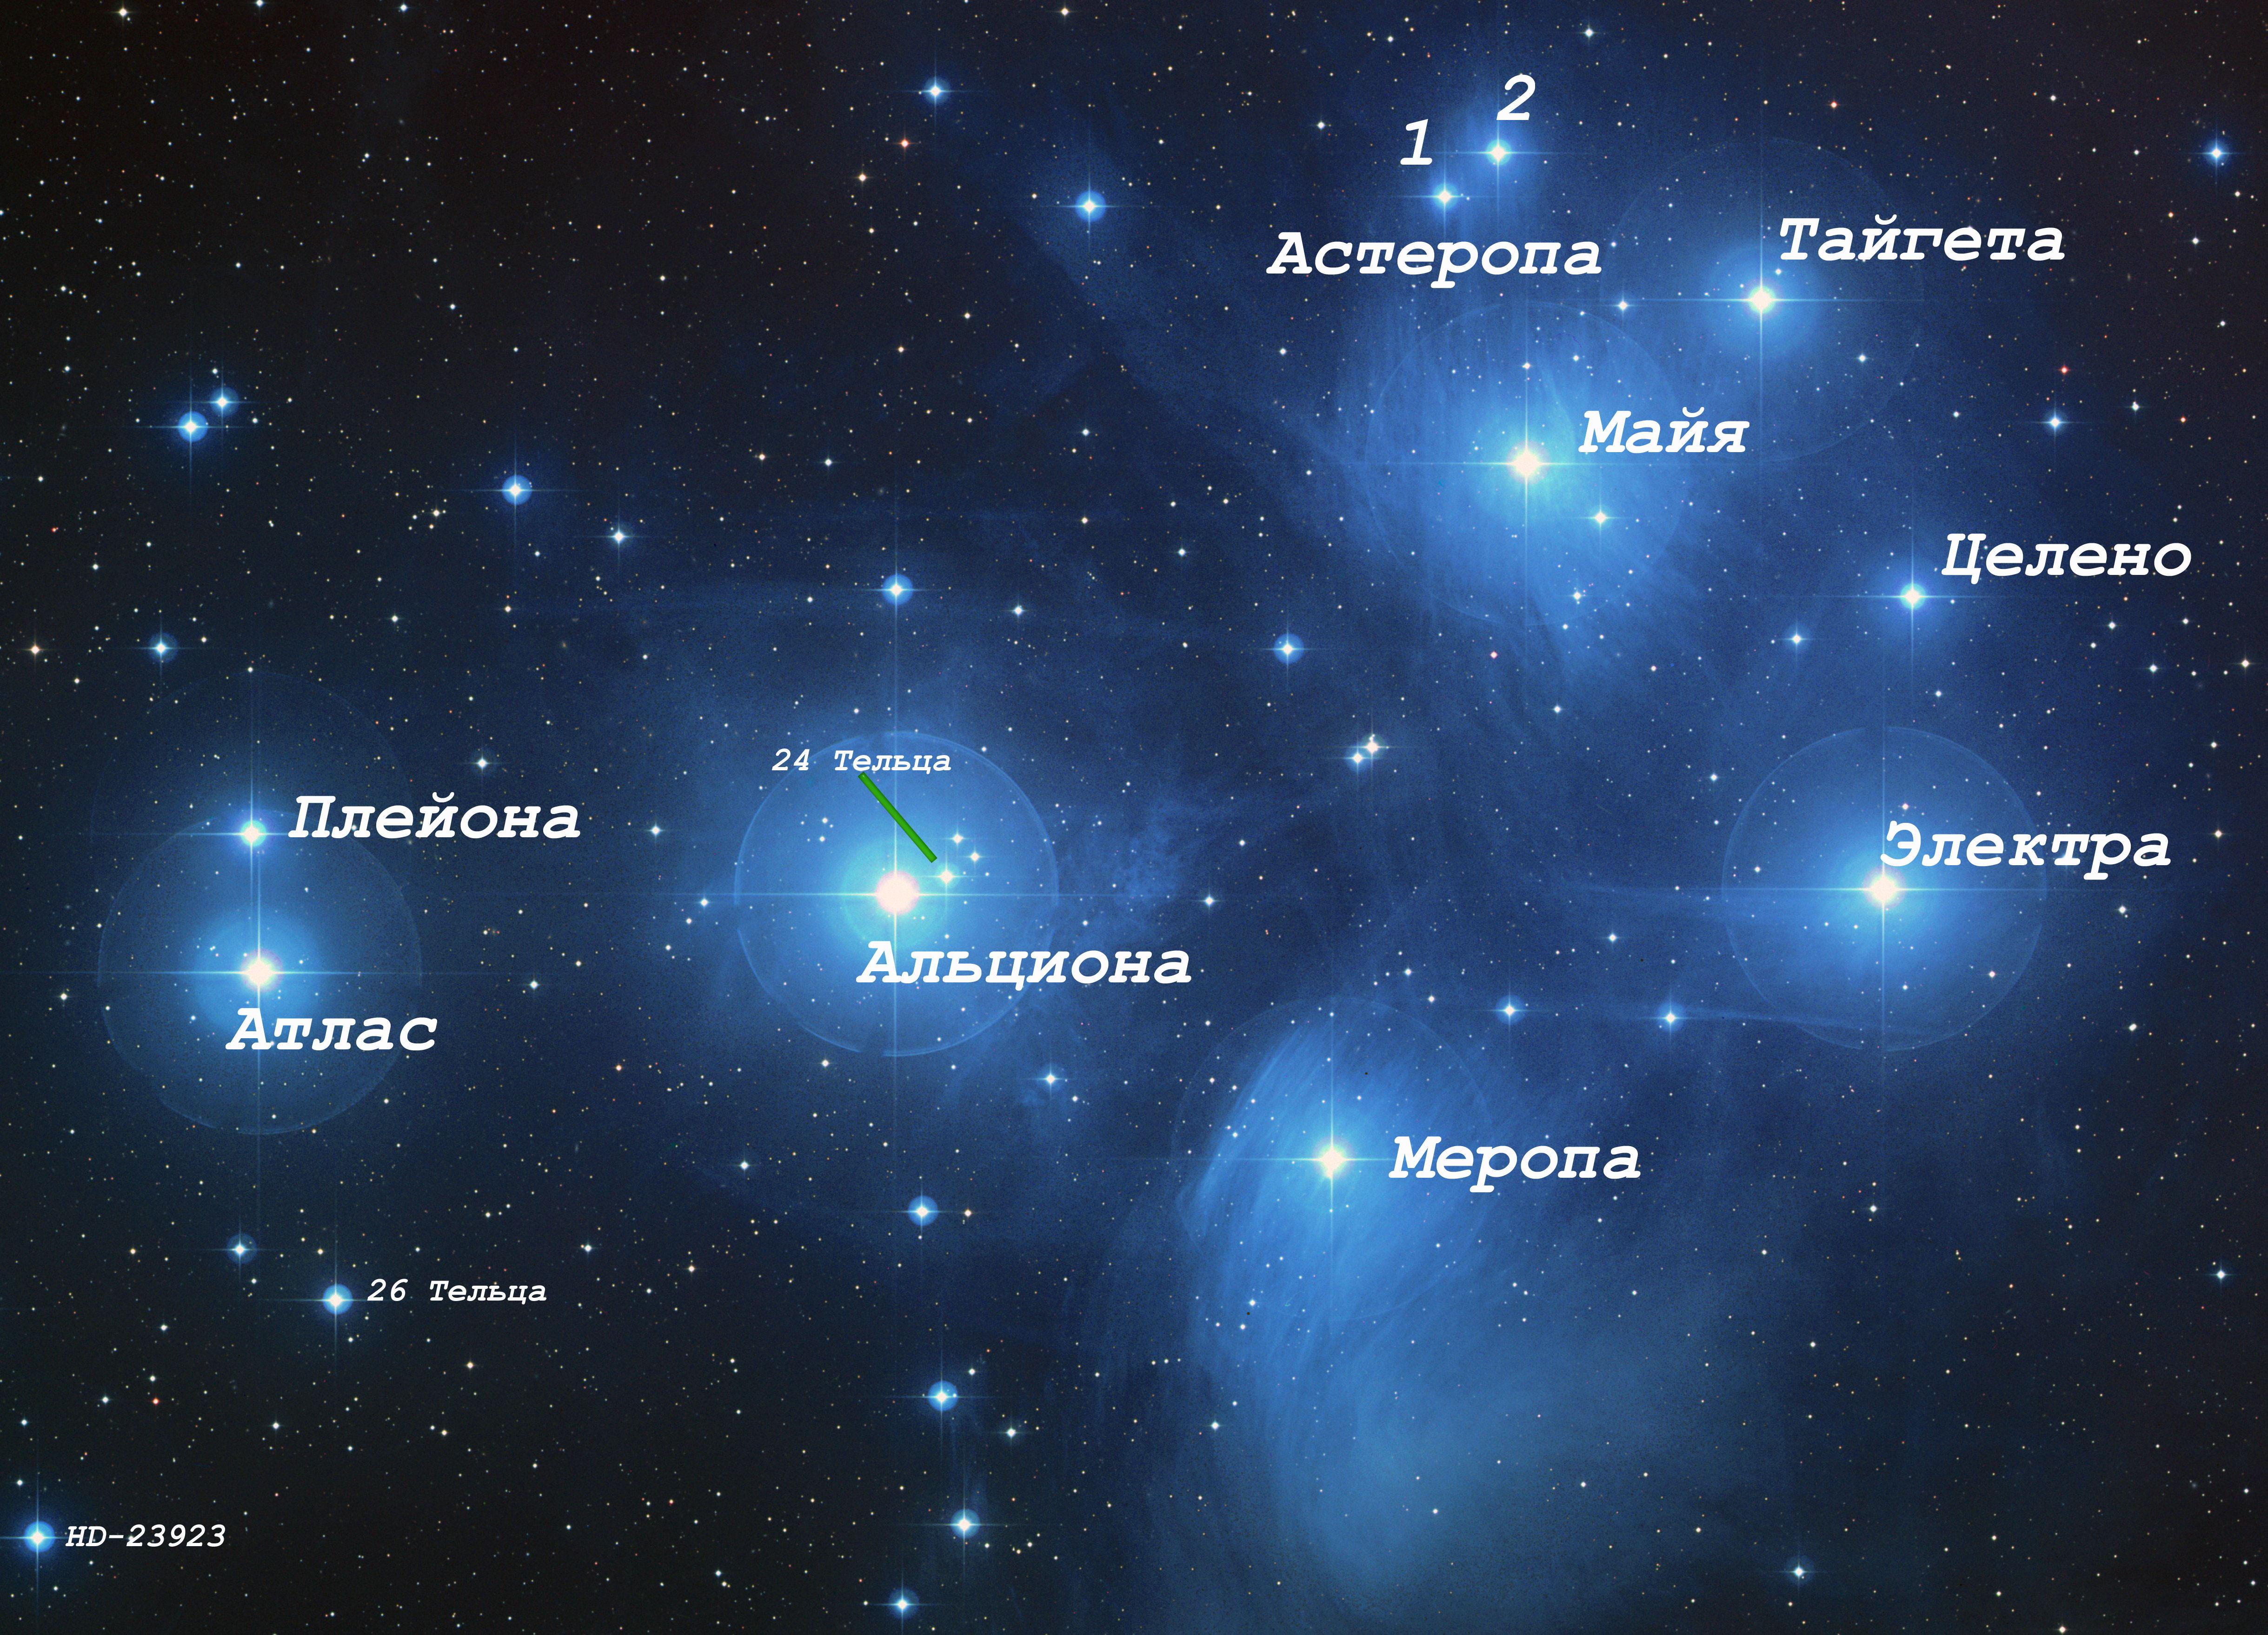 Картинки звезд и их имена